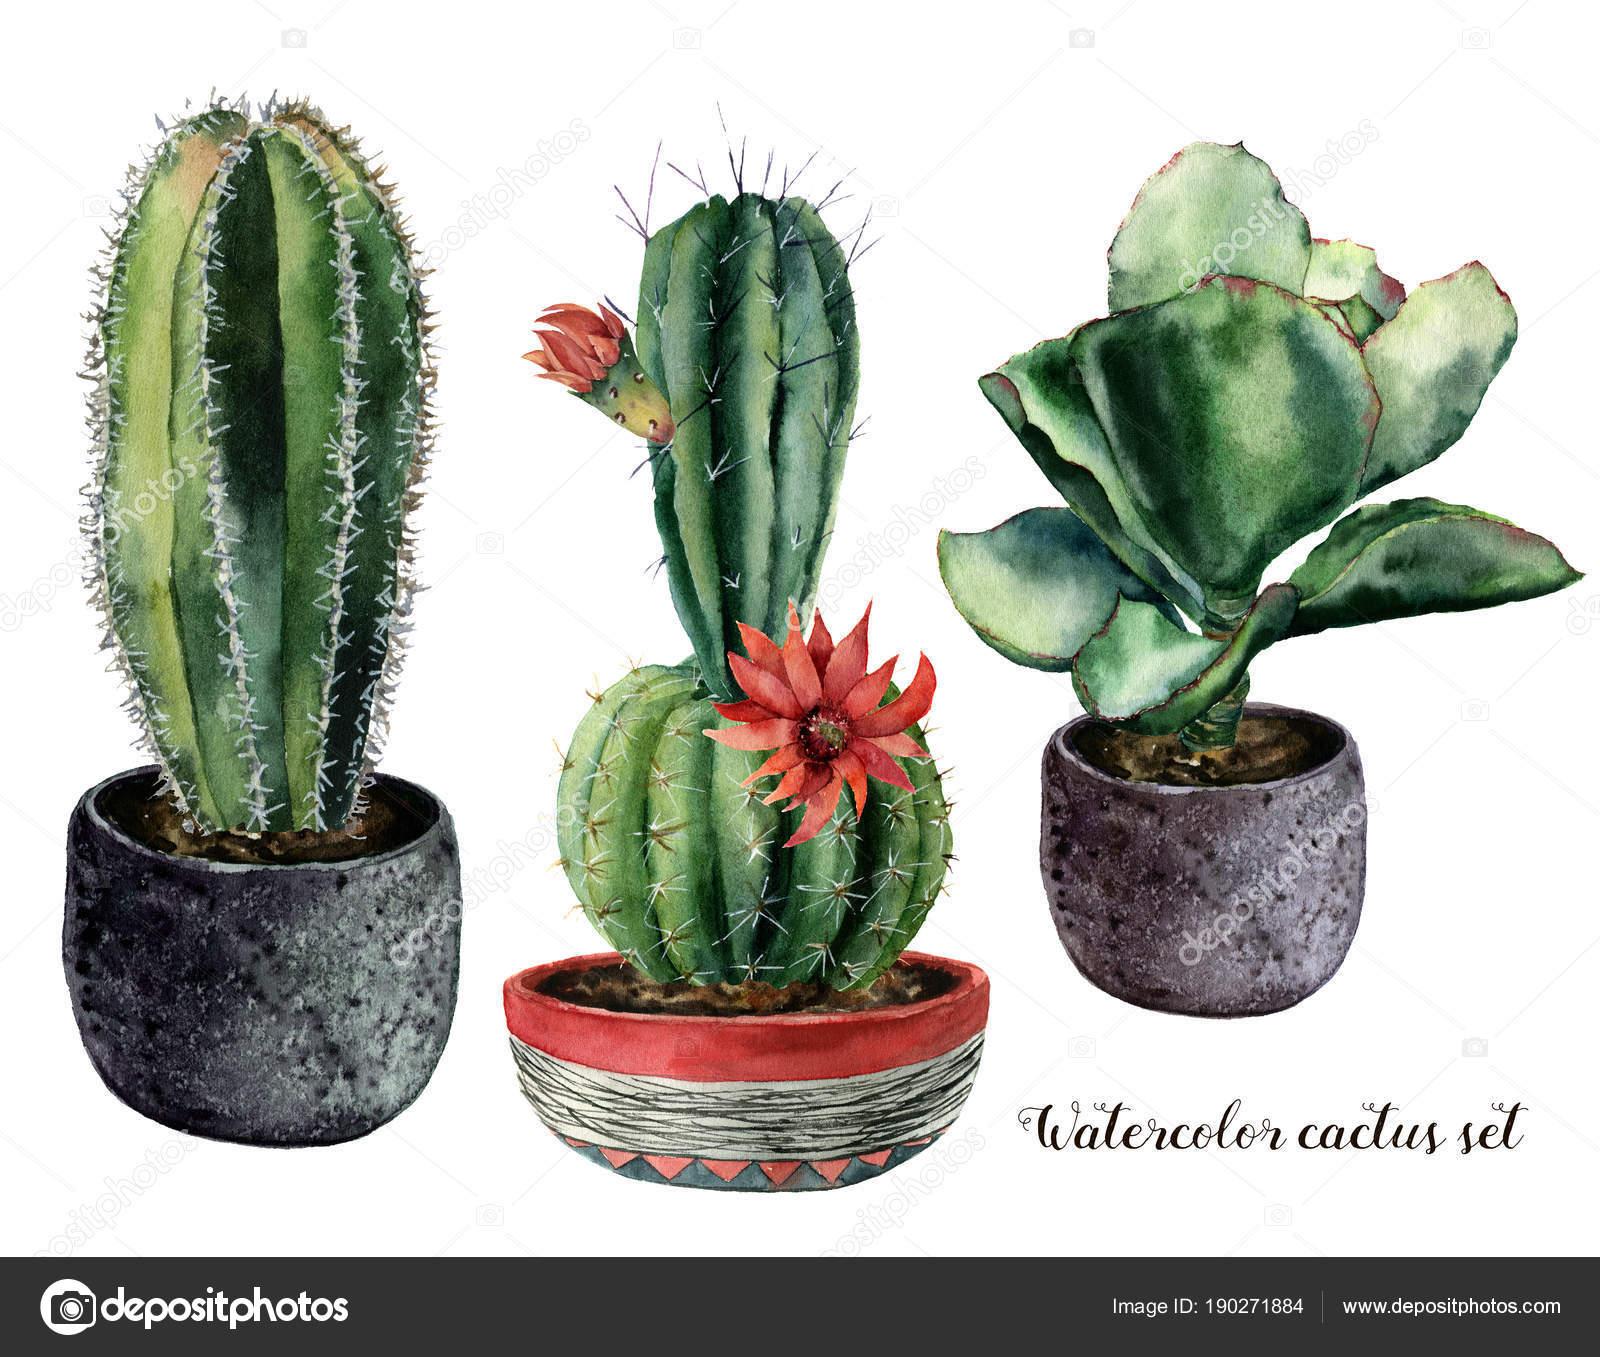 Acuarela con cactus y flores en una composición de pote. Pintado a ...